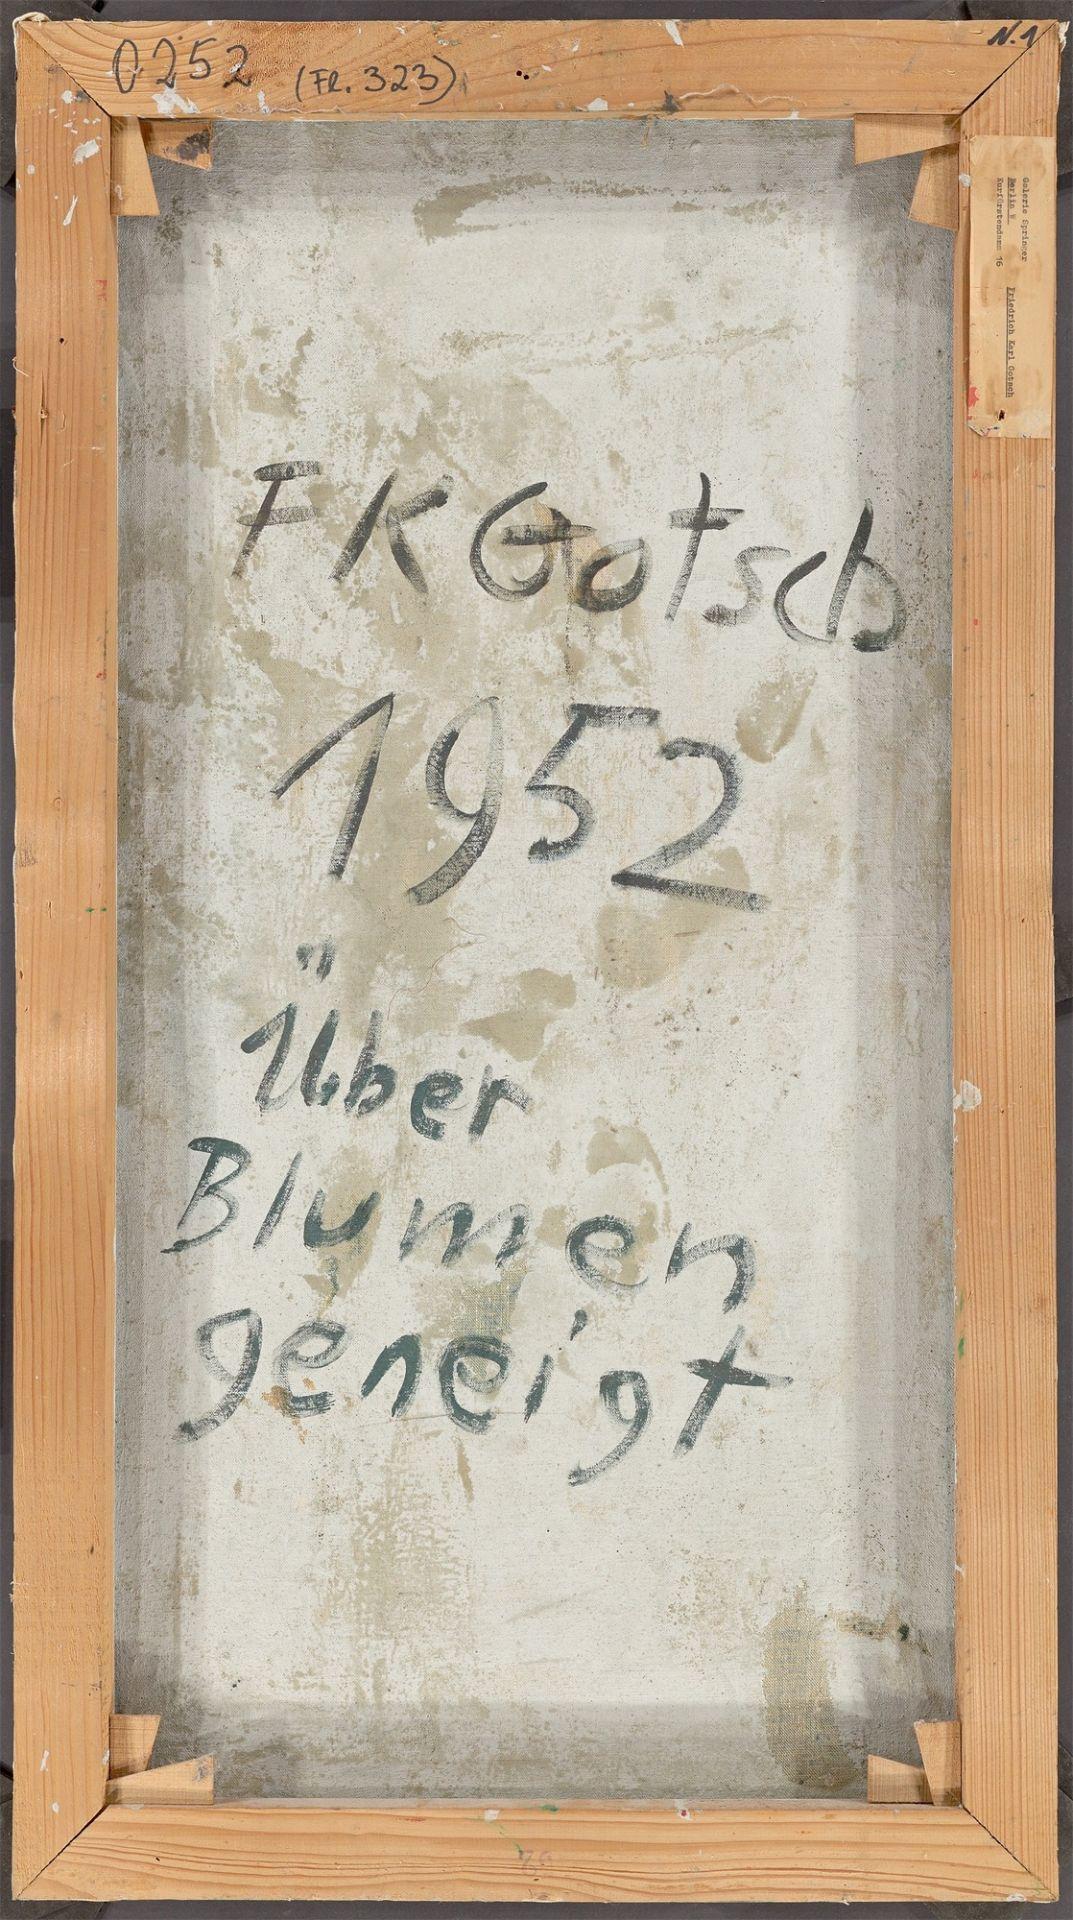 """Friedrich Karl Gotsch. """"Über Blumen geneigt"""". 1952 - Image 3 of 4"""